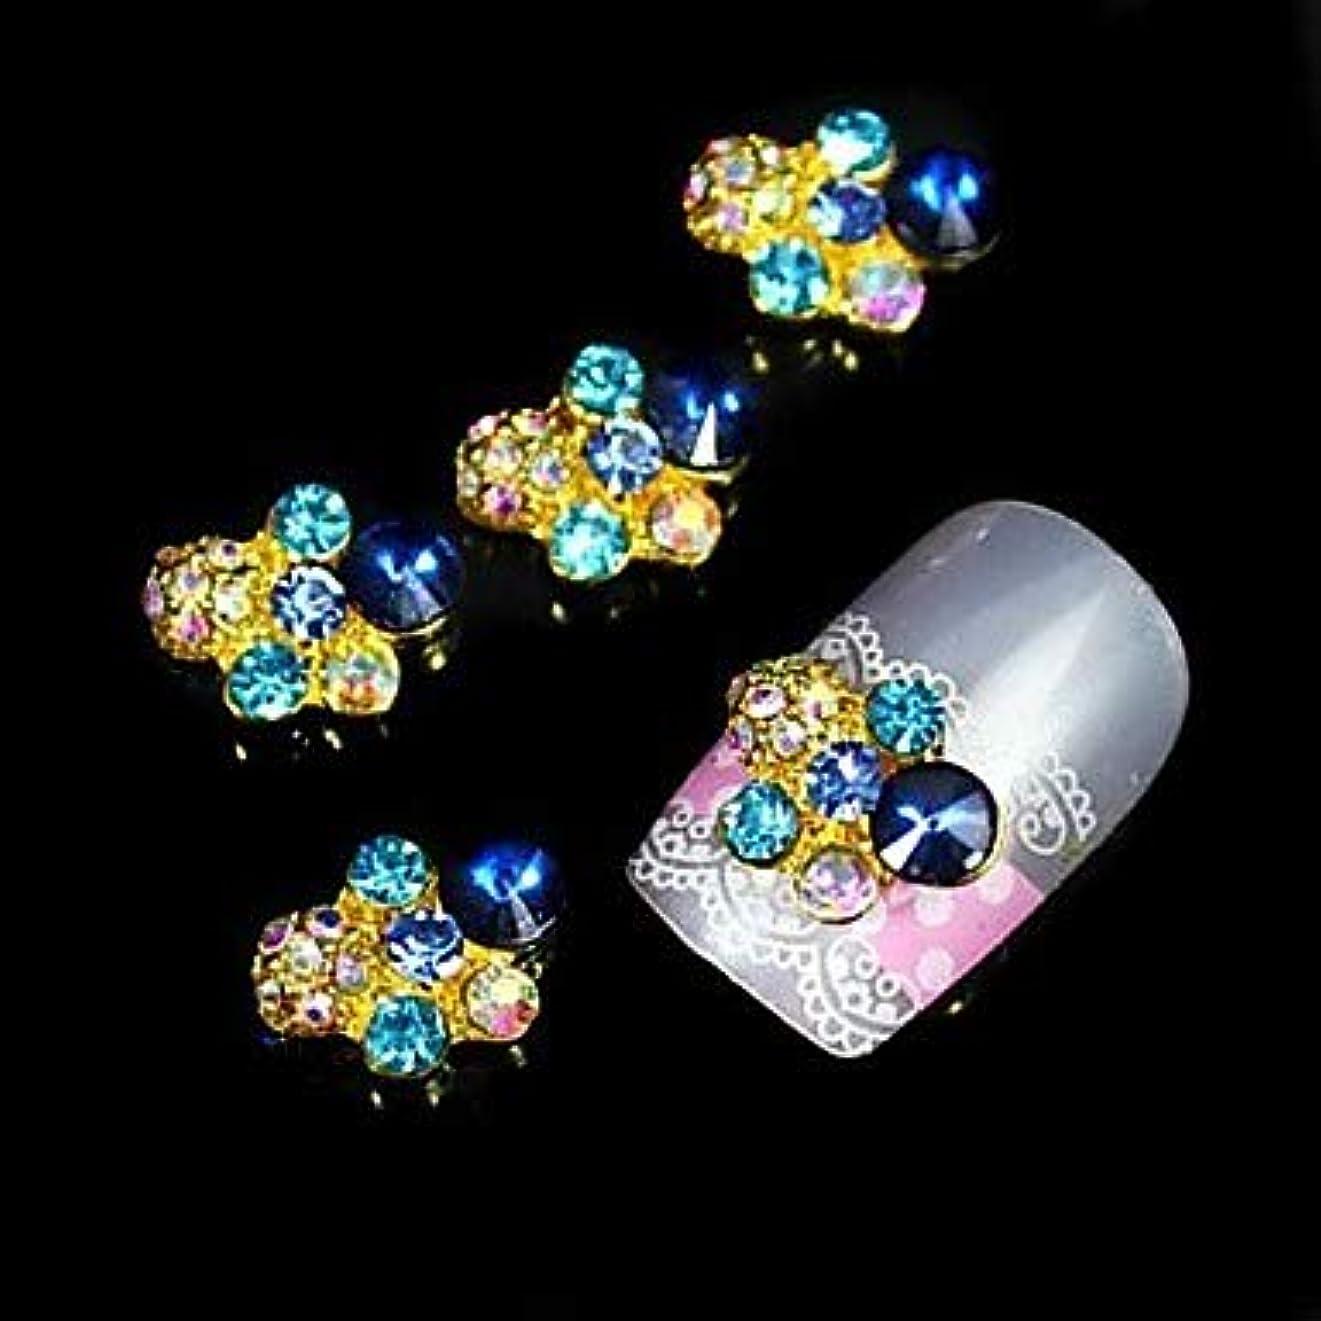 評論家石膏指のつま先のための金属のネイルジュエリー他の素敵なネイルアートマニキュアペディキュアフルーツの花抽象毎日漫画パンク